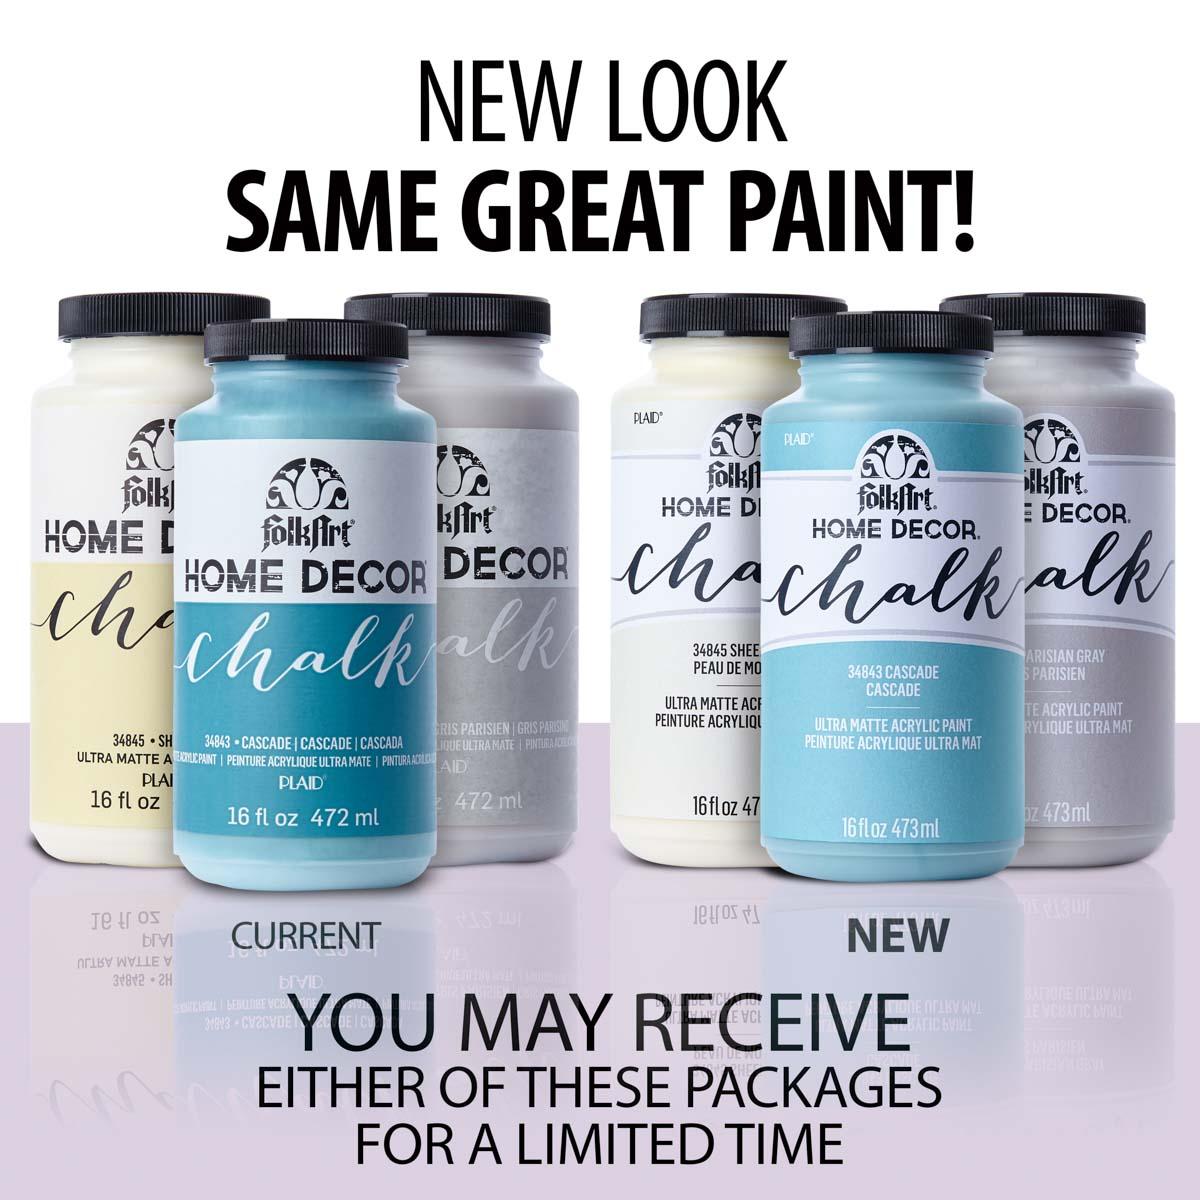 FolkArt ® Home Decor™ Chalk - Nautical, 16 oz. - 36045